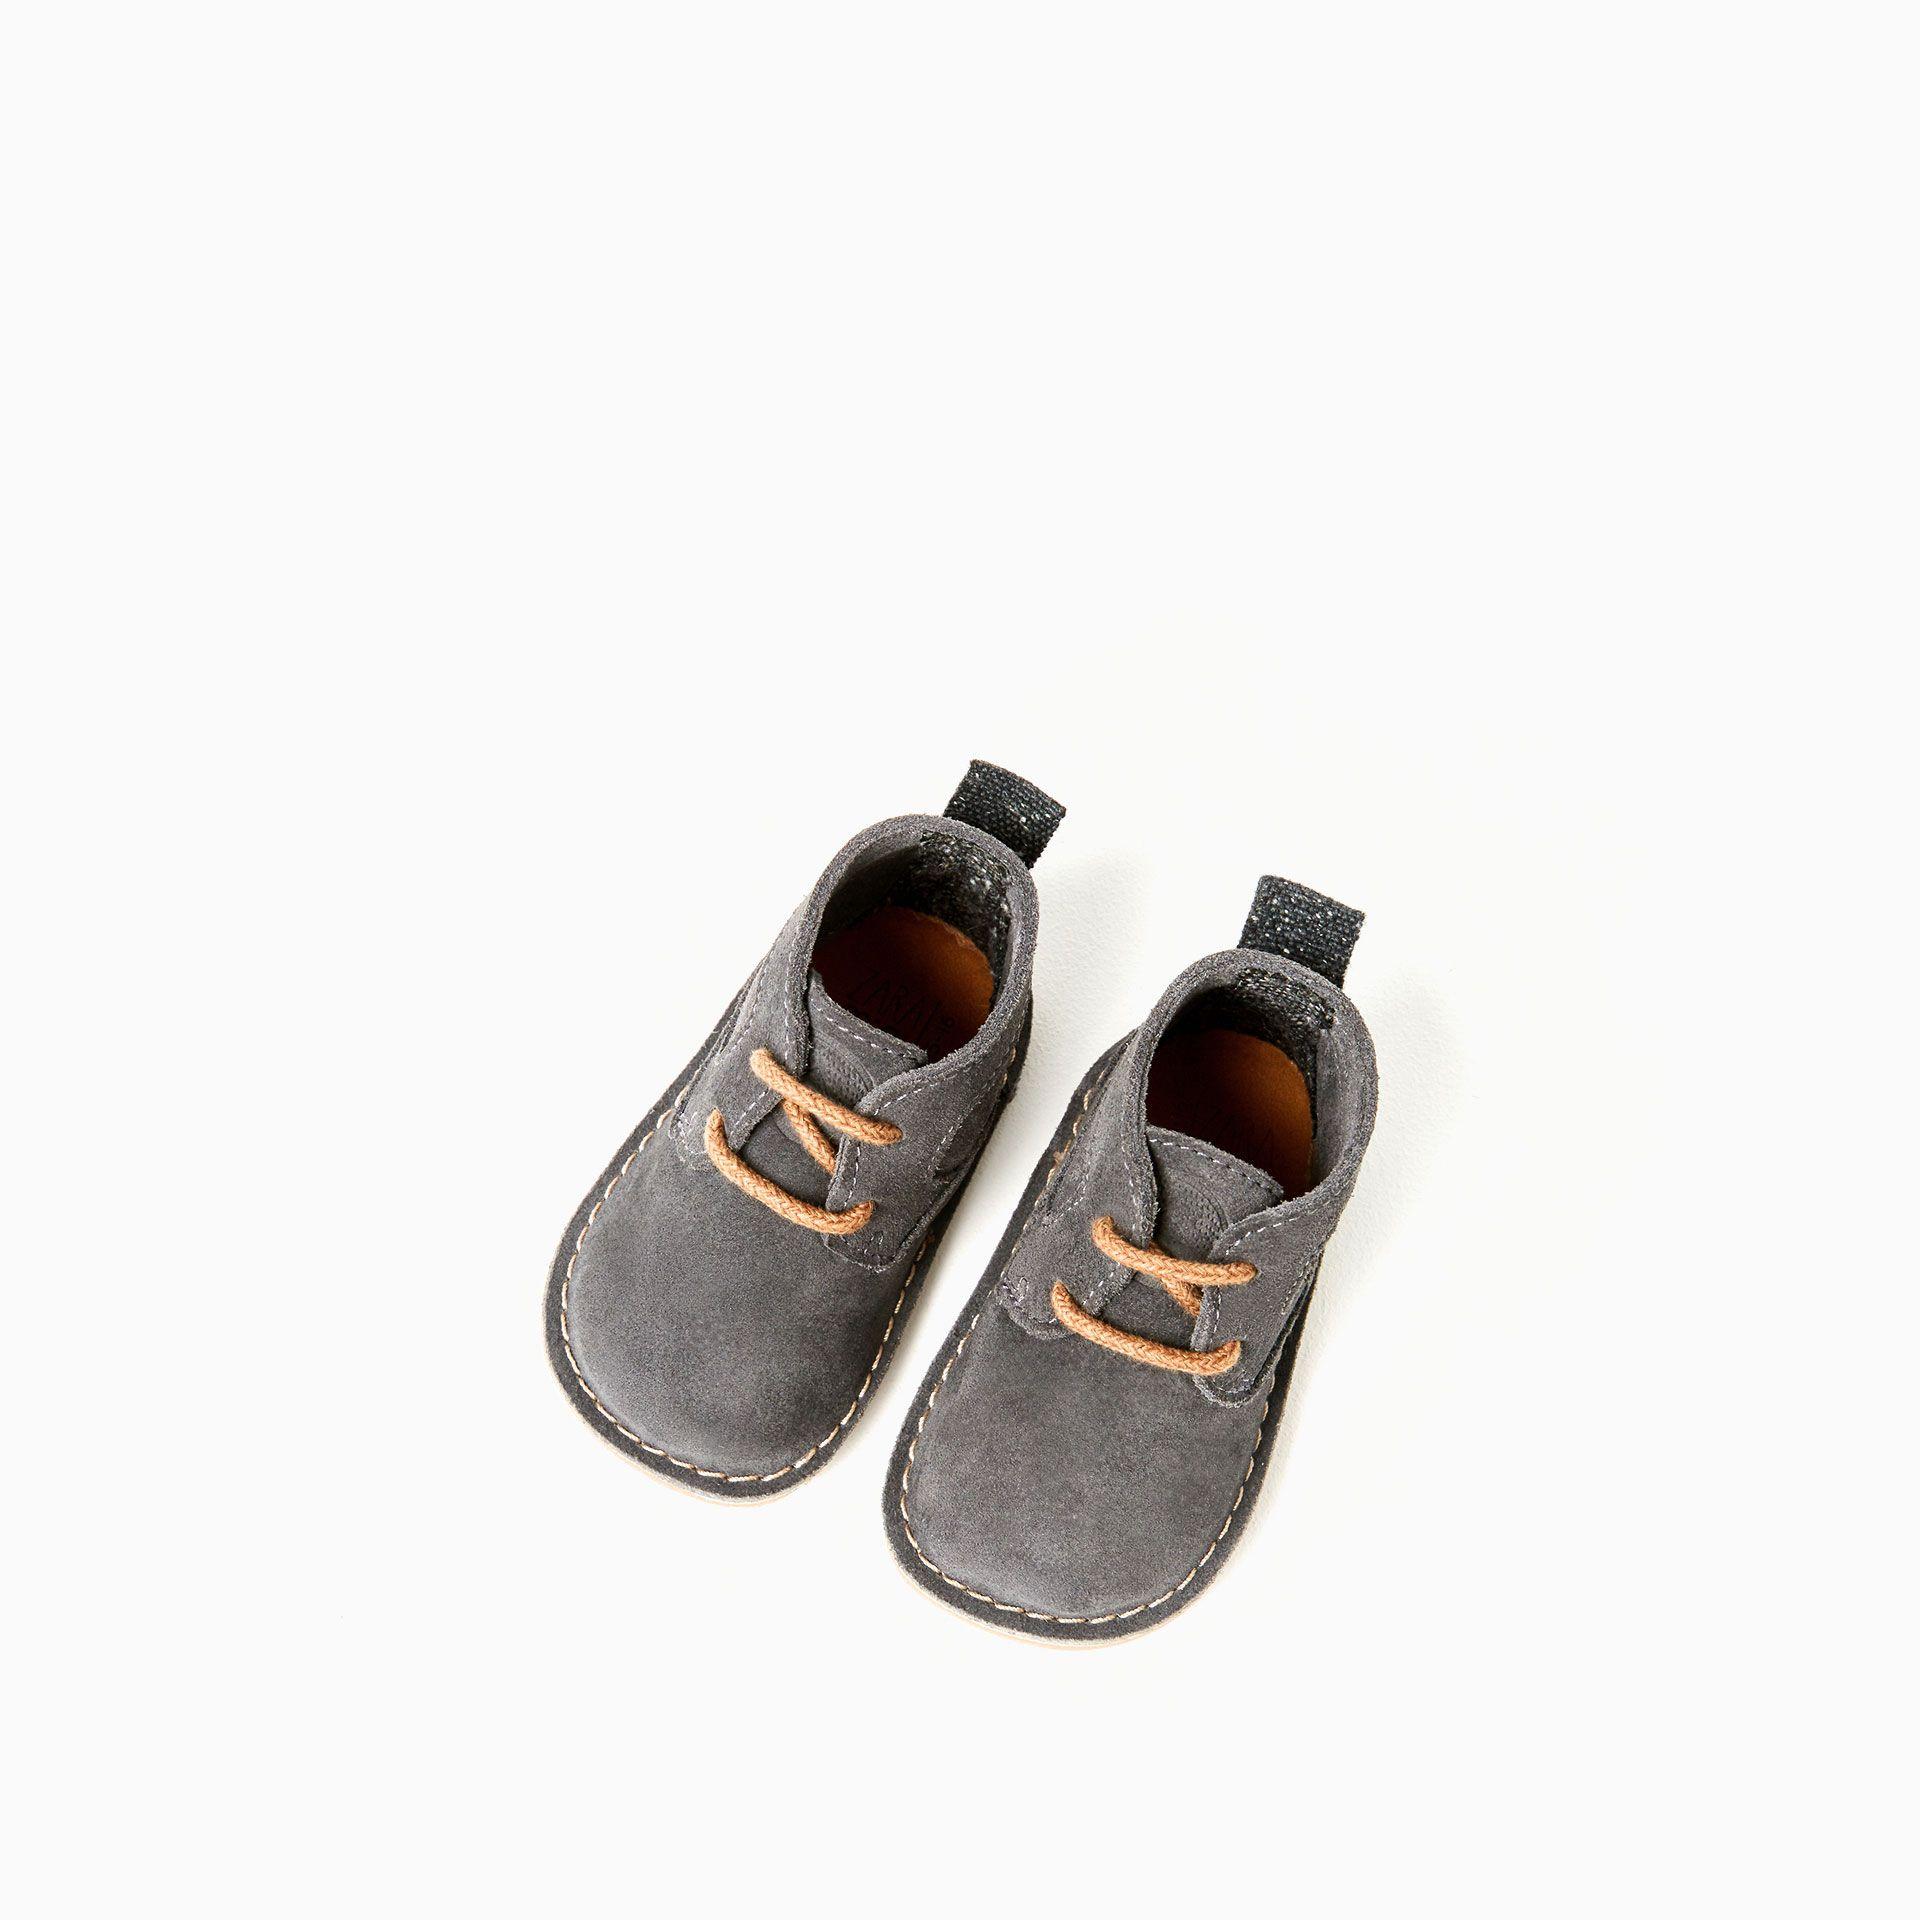 Skorzane Sznurowane Kozaki Leather Lace Up Boots Leather And Lace Lace Up Boots